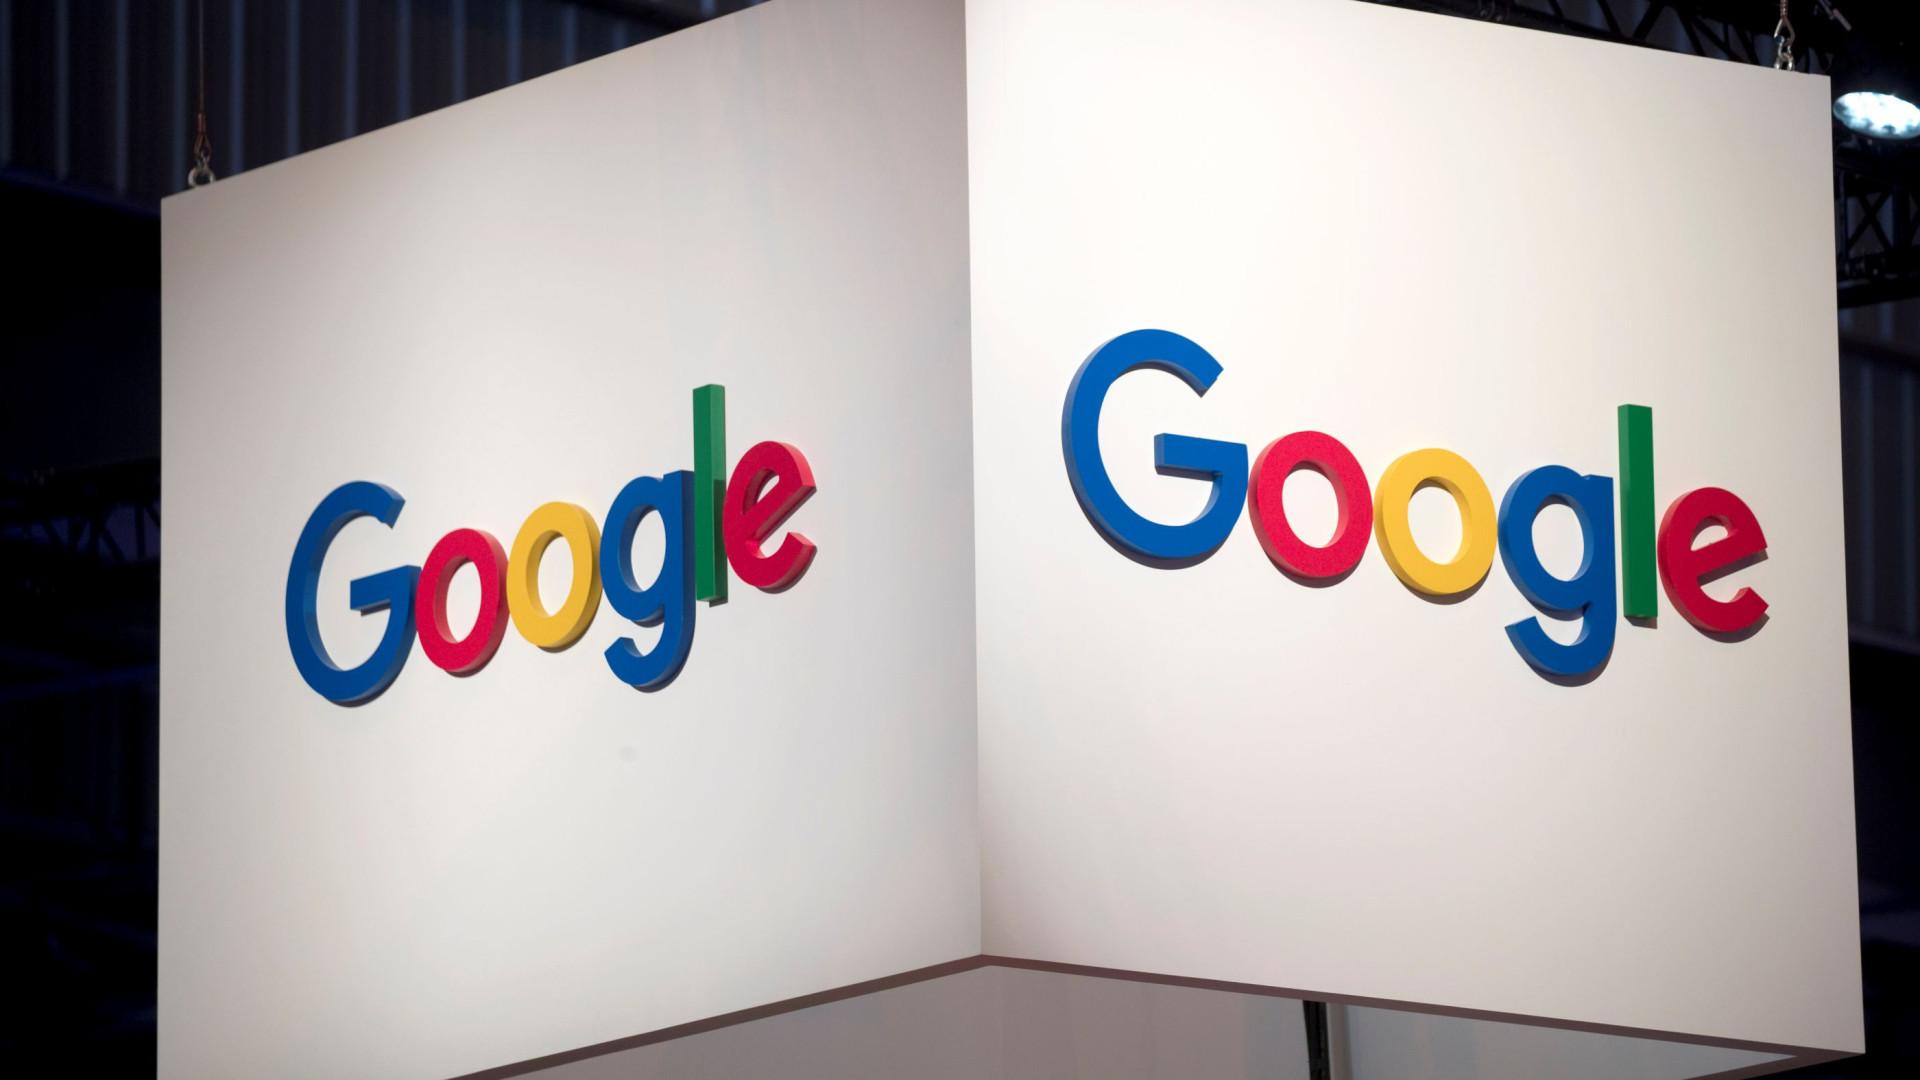 Multa. Europa terá recusado alternativa da Google apresentada há um ano